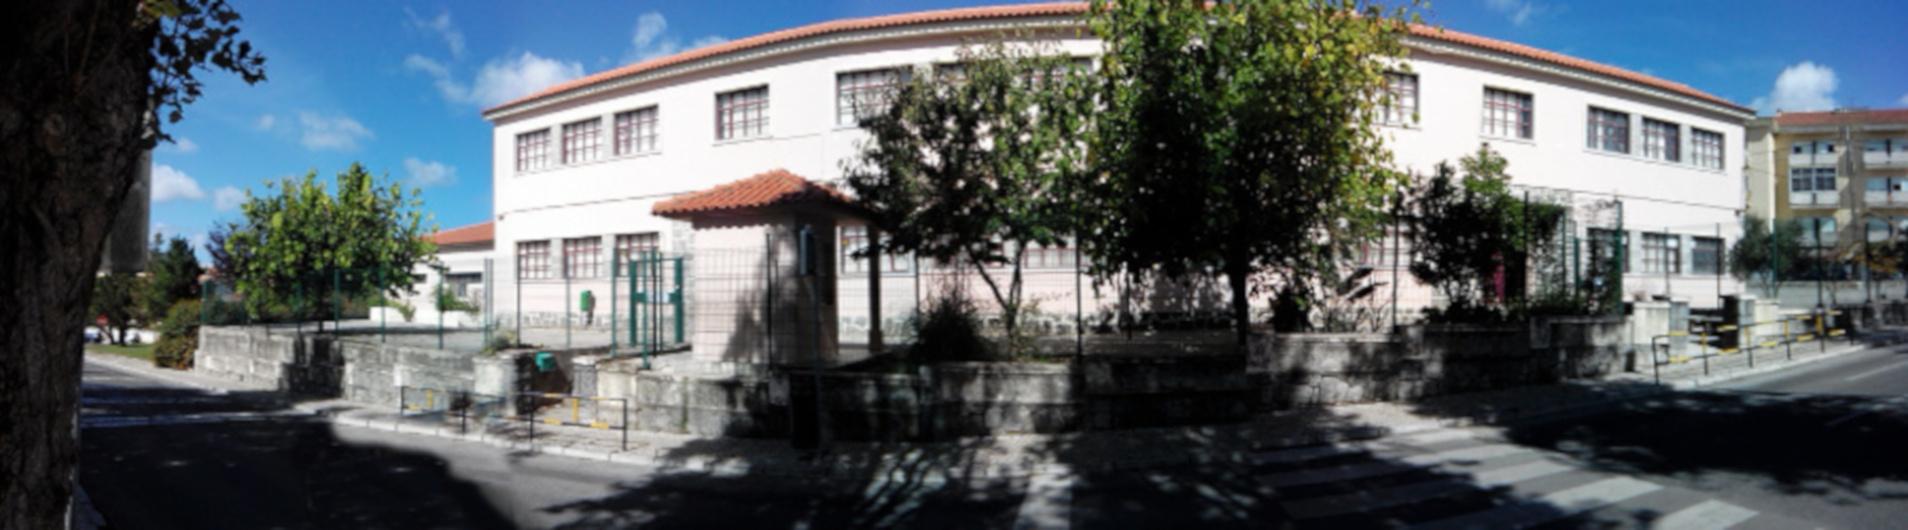 Escola Básica do Algueirão